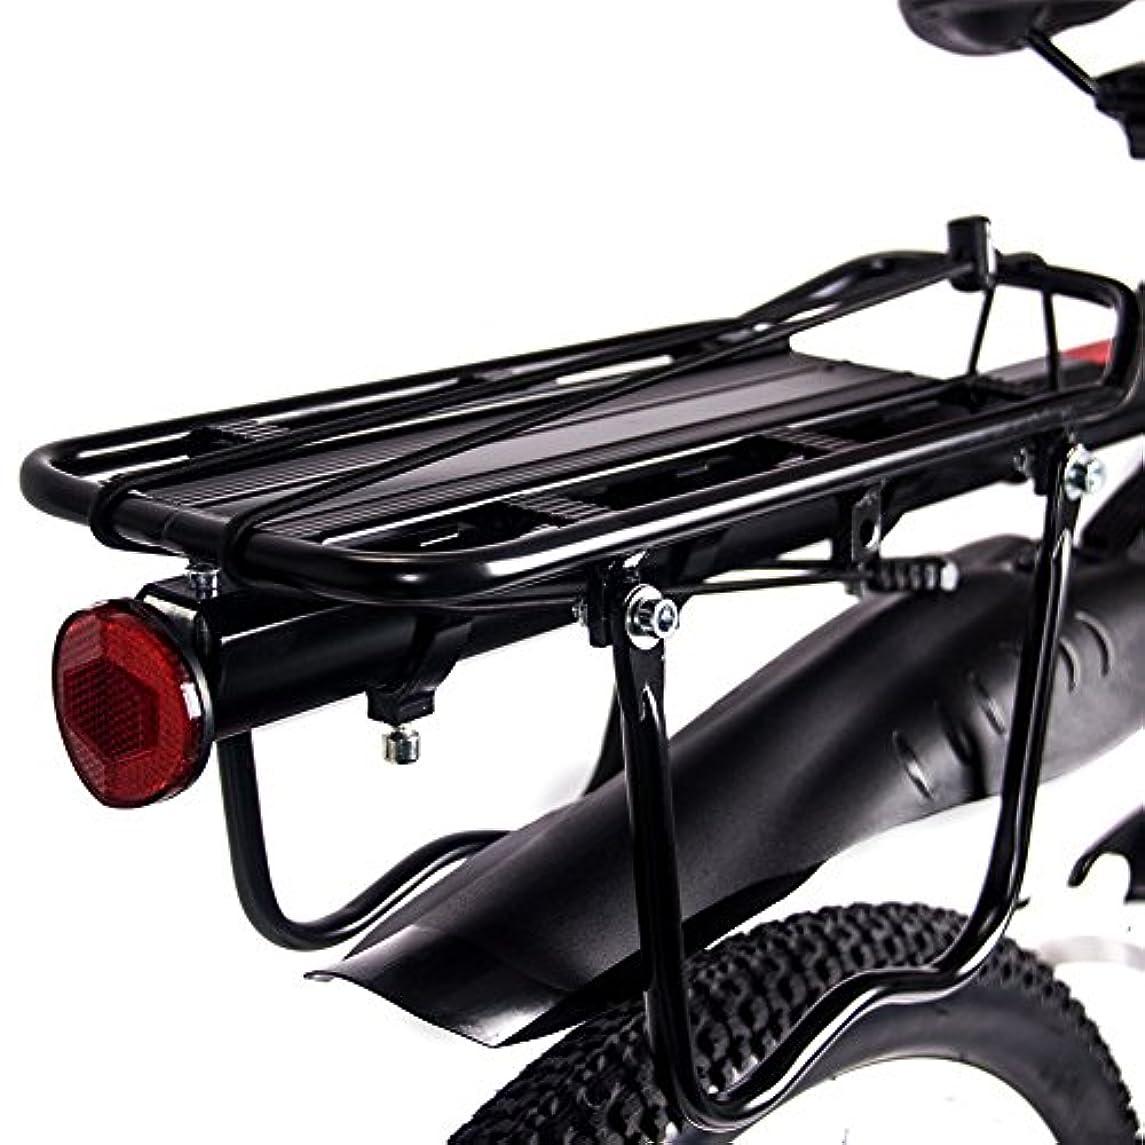 北へ素晴らしきマーティンルーサーキングジュニアRICH BIT TP860専用 リアキャリア 自転車荷台 ブラック